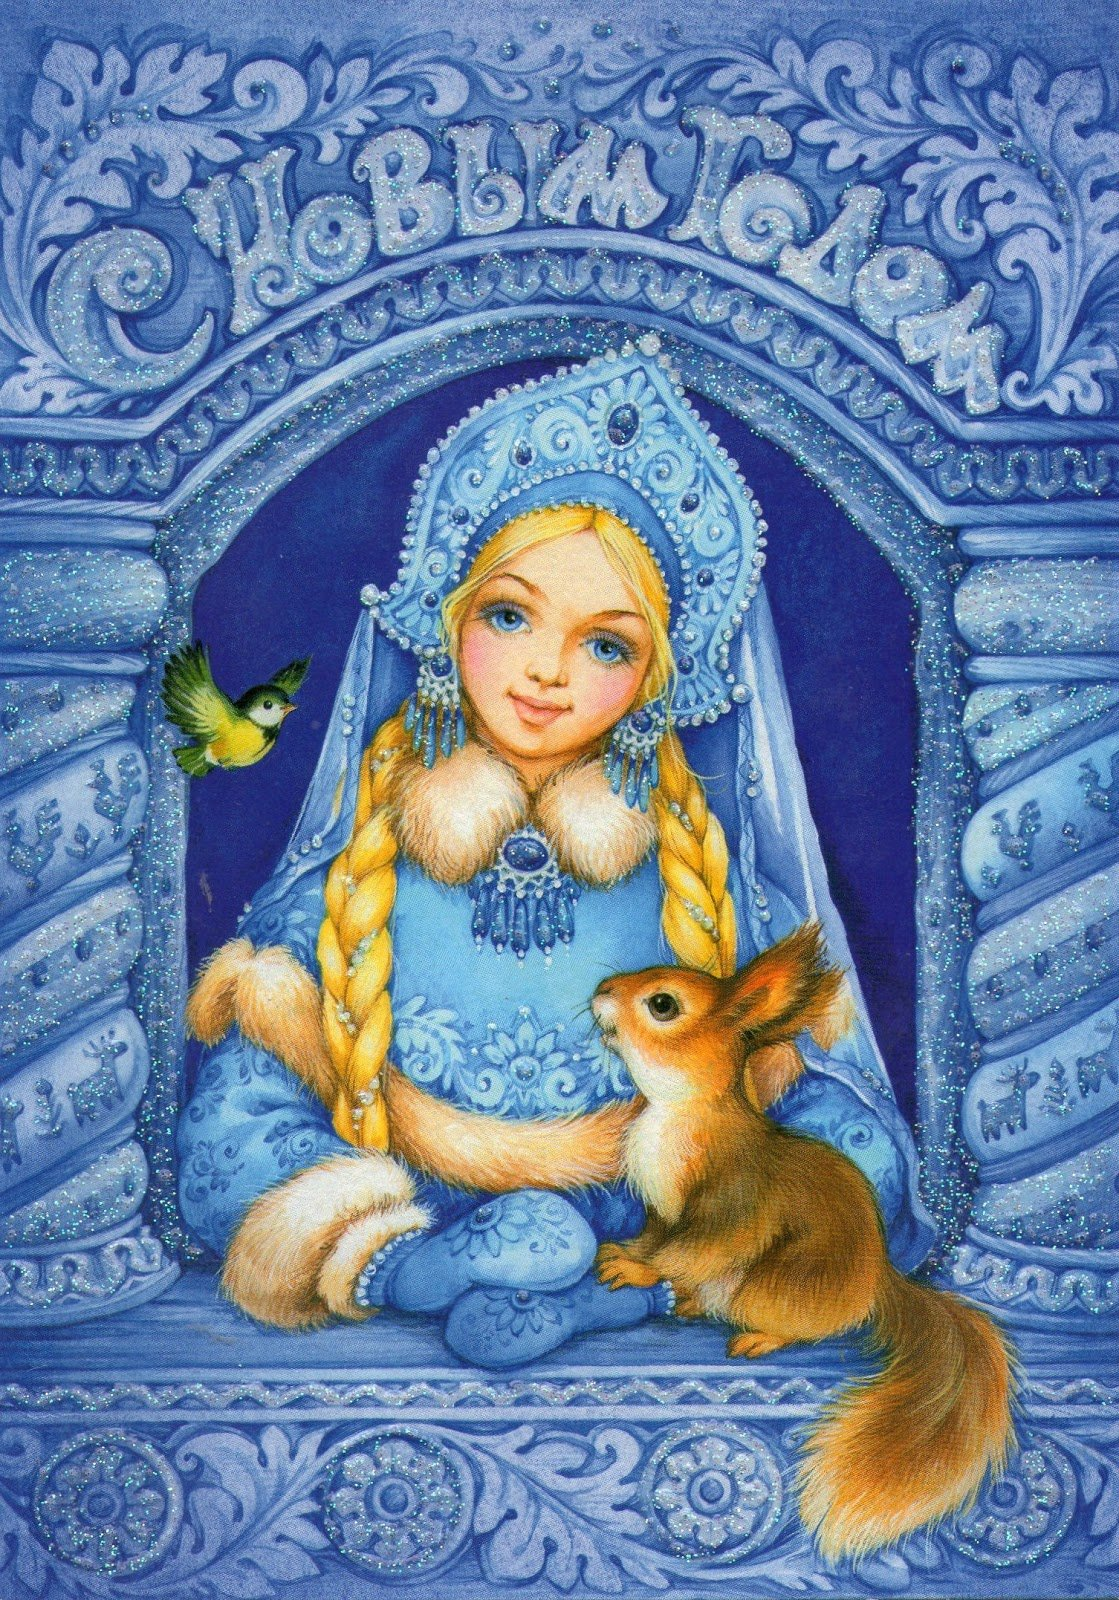 Находка, изображение снегурочки на открытках